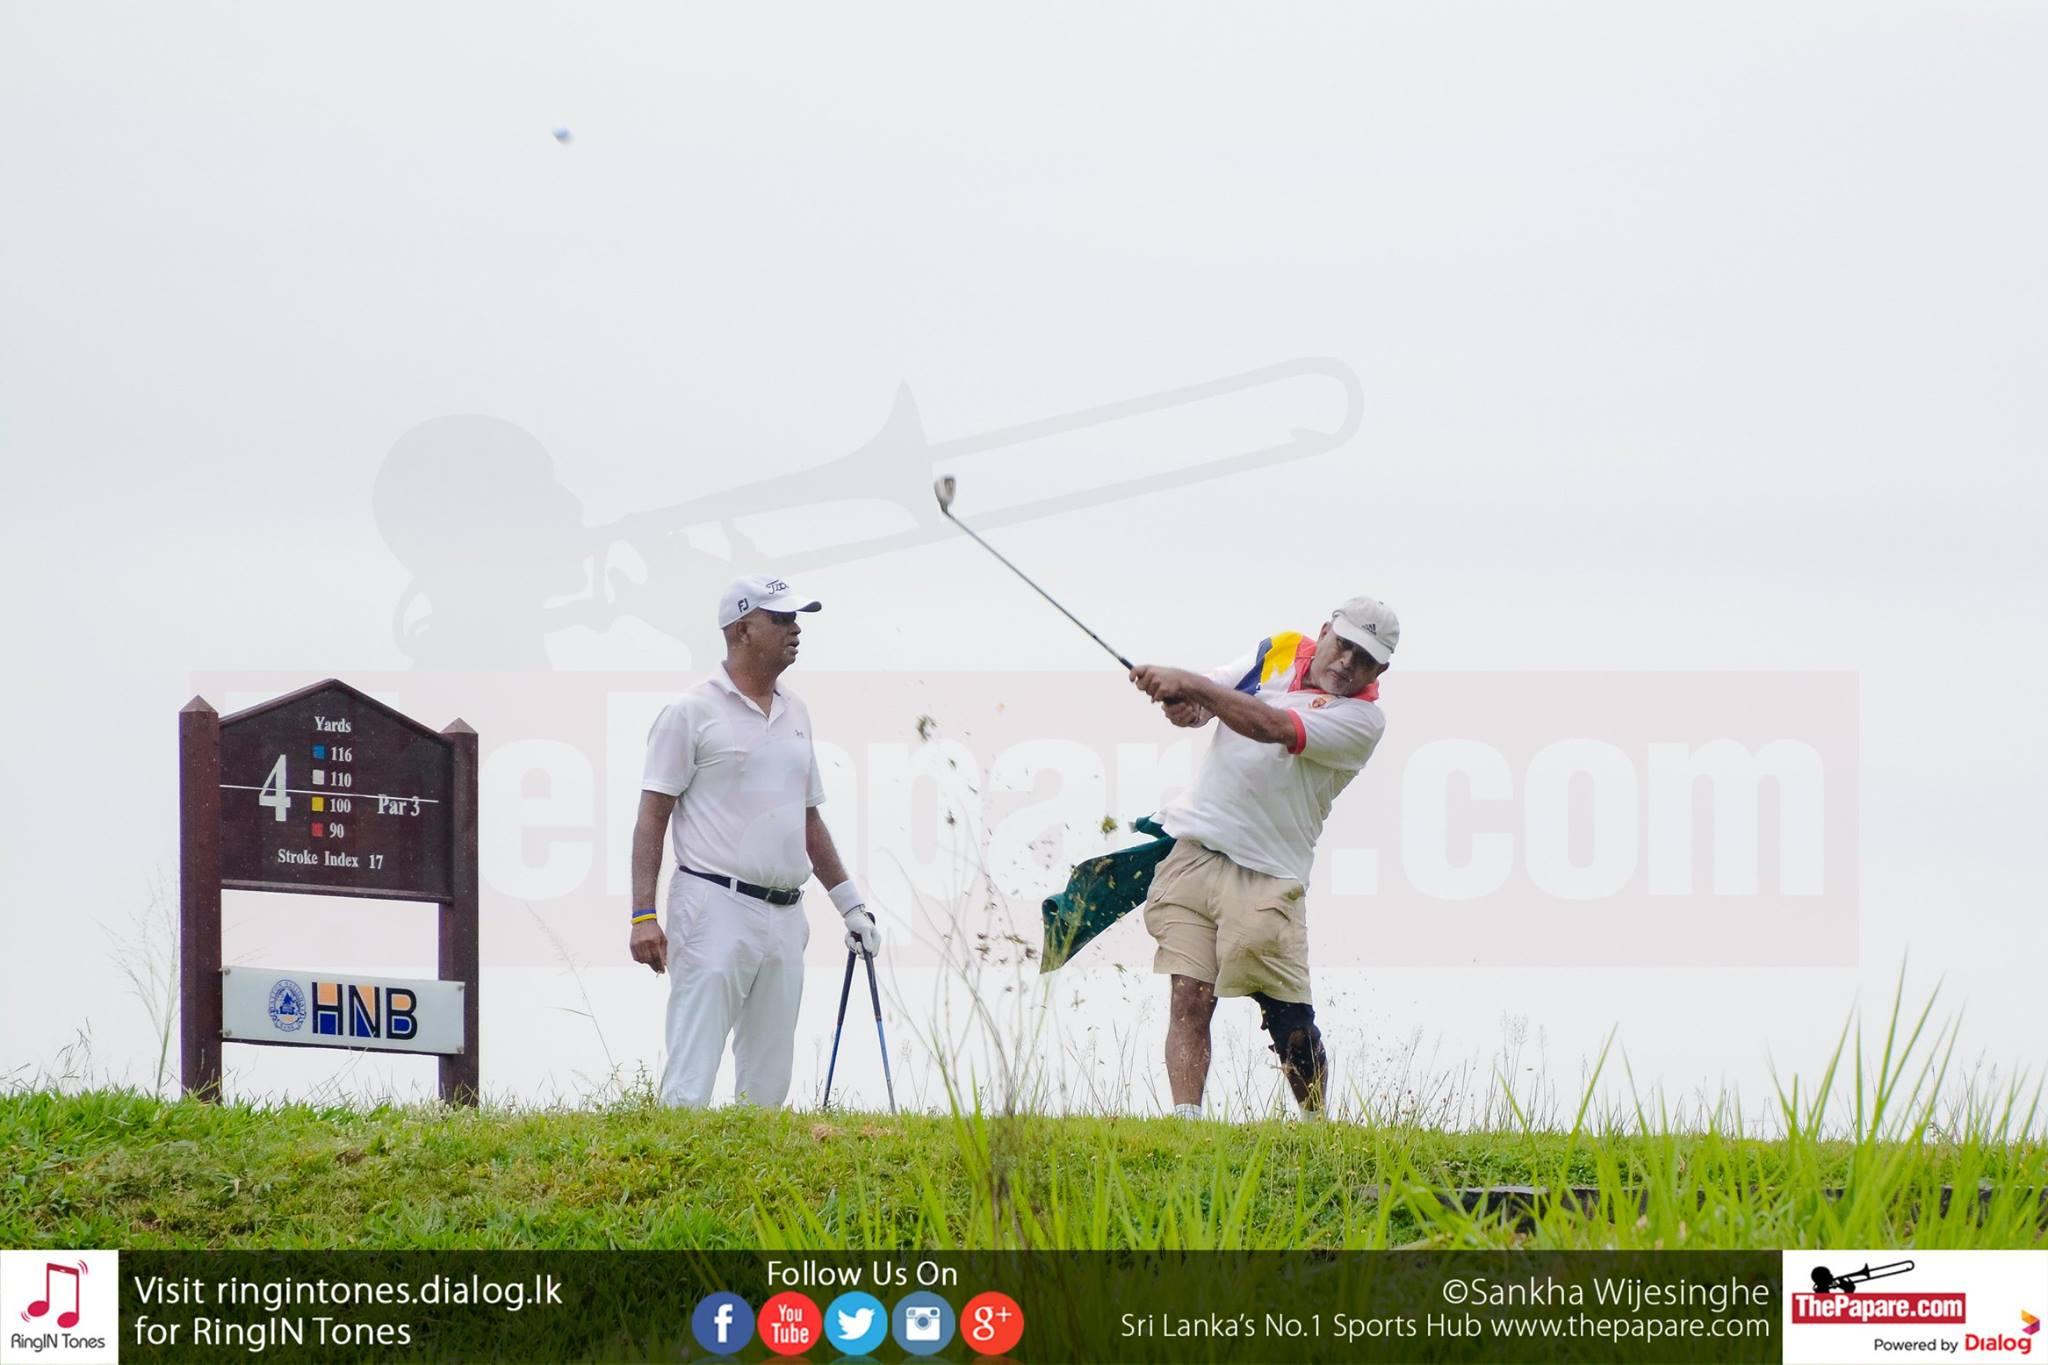 Trinity Royal Golf Encounter